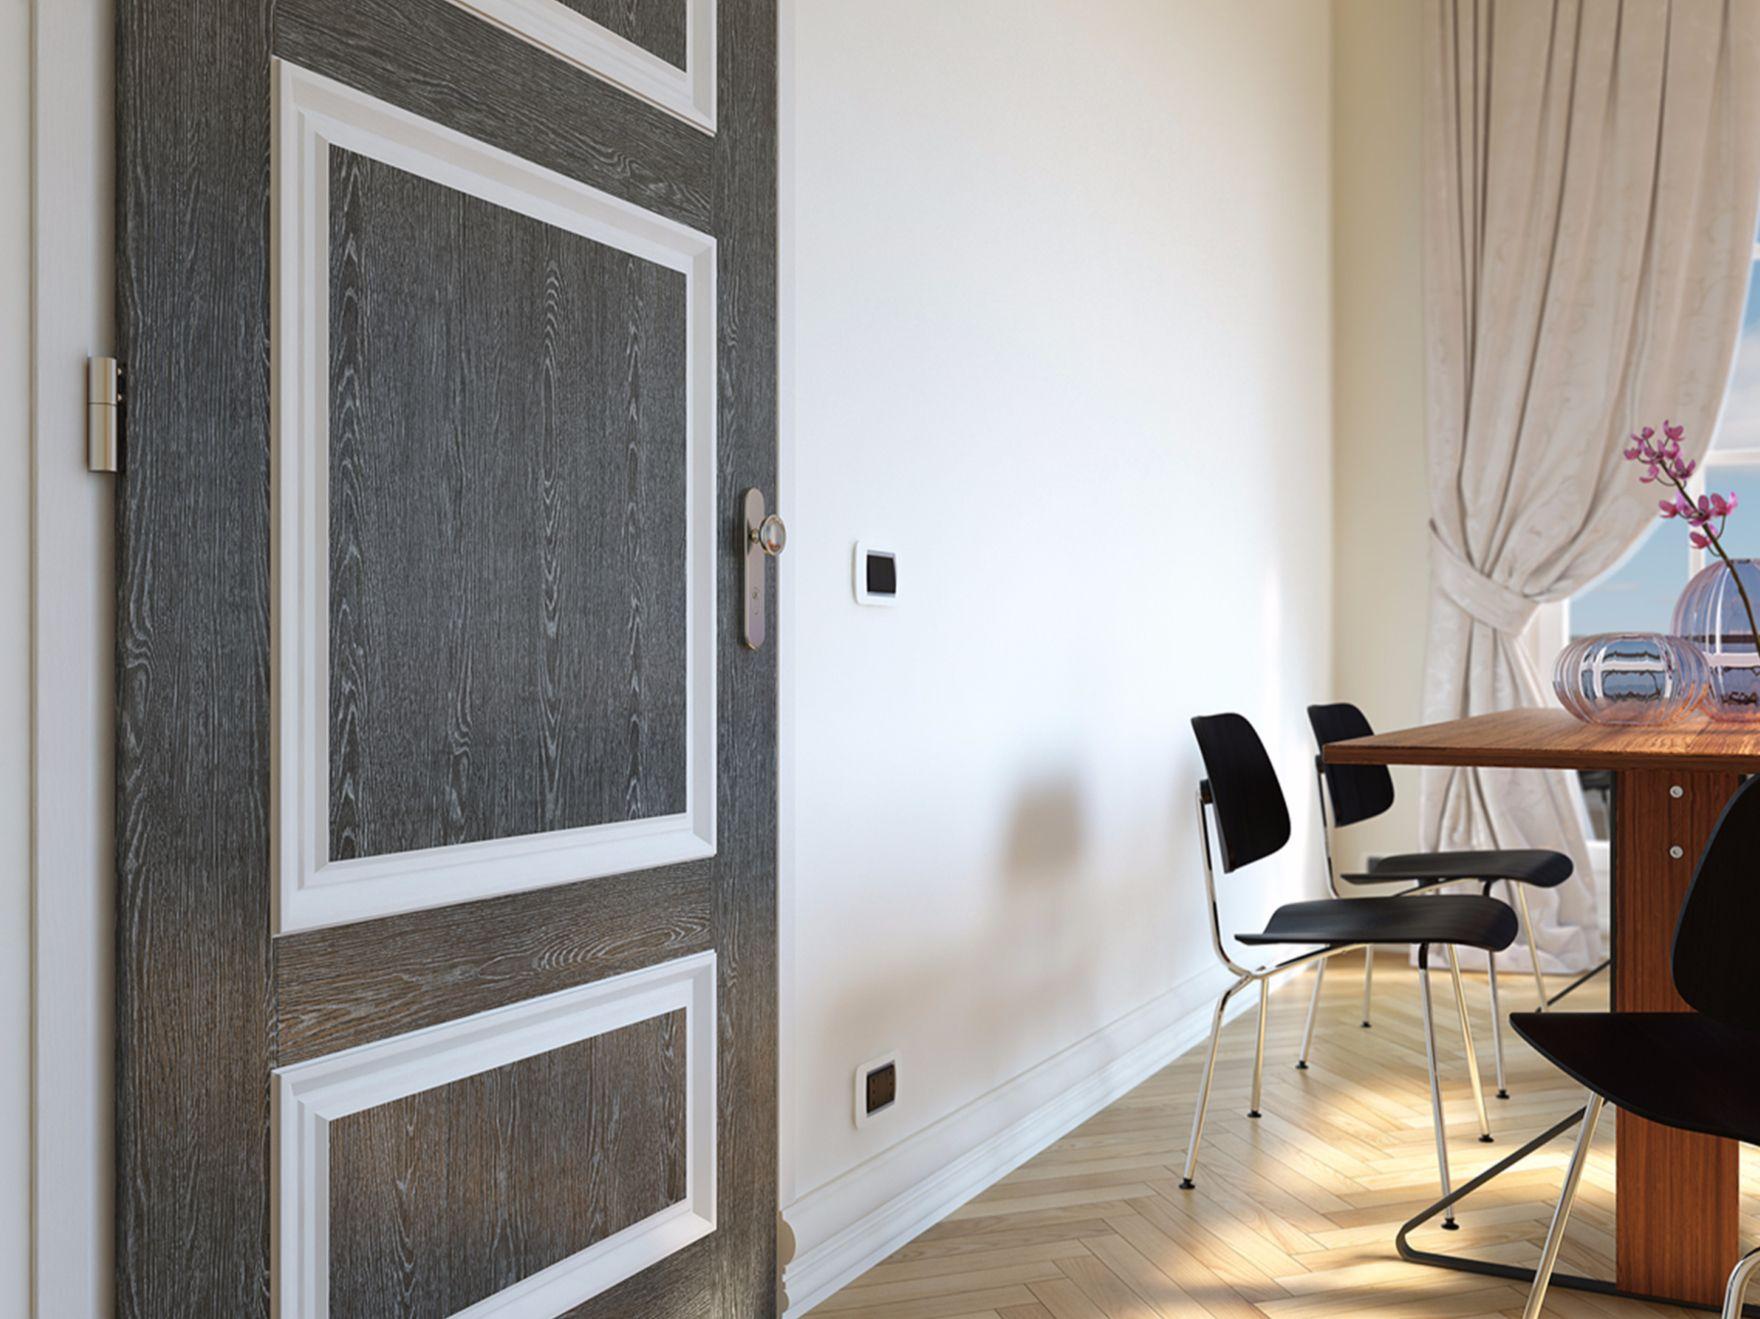 12_parete-grigio-scuro-fondale-camera-da-letto-solo-soffitto-nero .... travi a vista - bianche ...